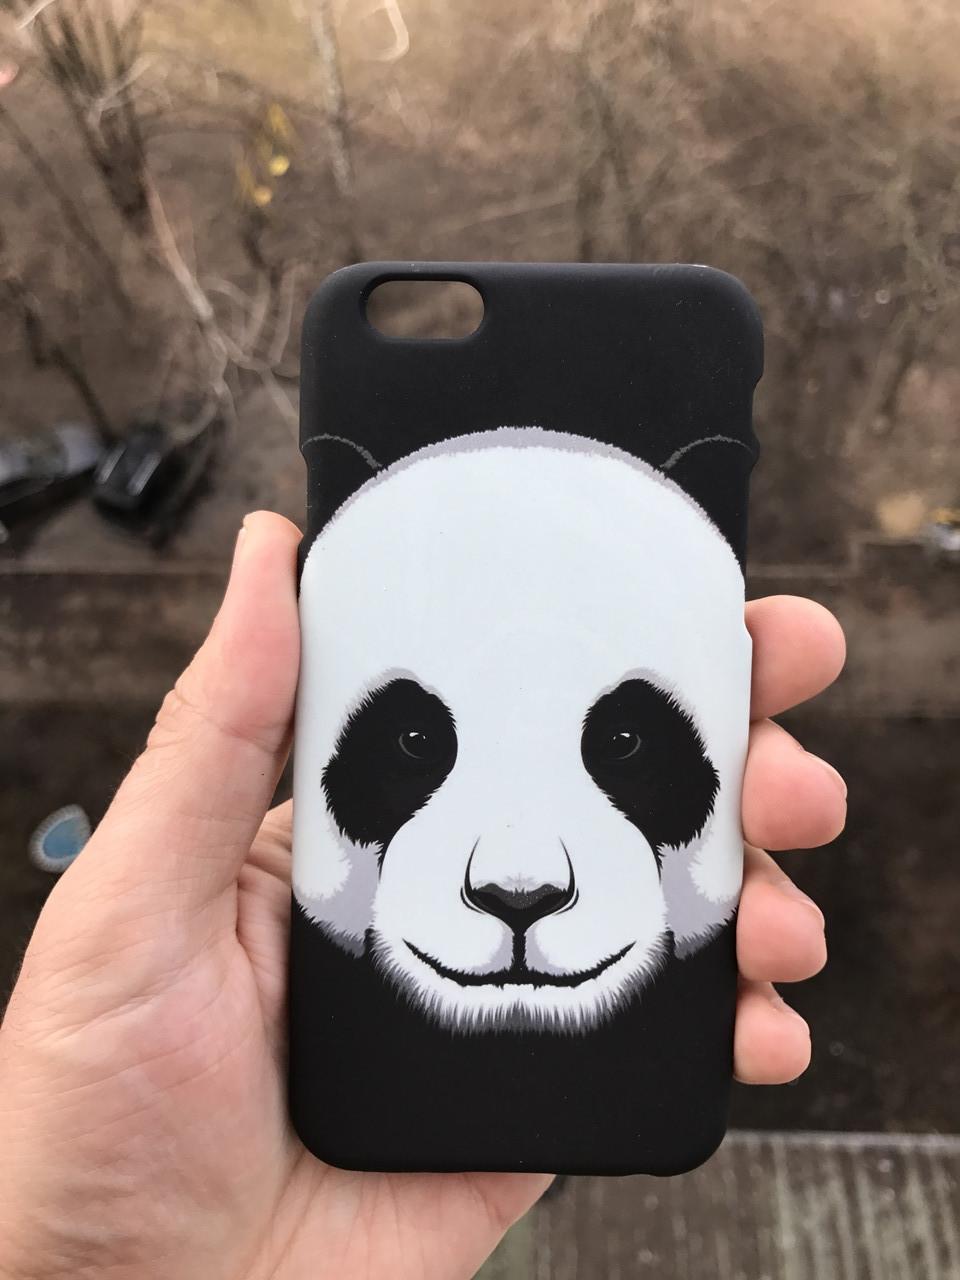 Чехол животное iphone 6/6s + защитное стекло на экран в подарок